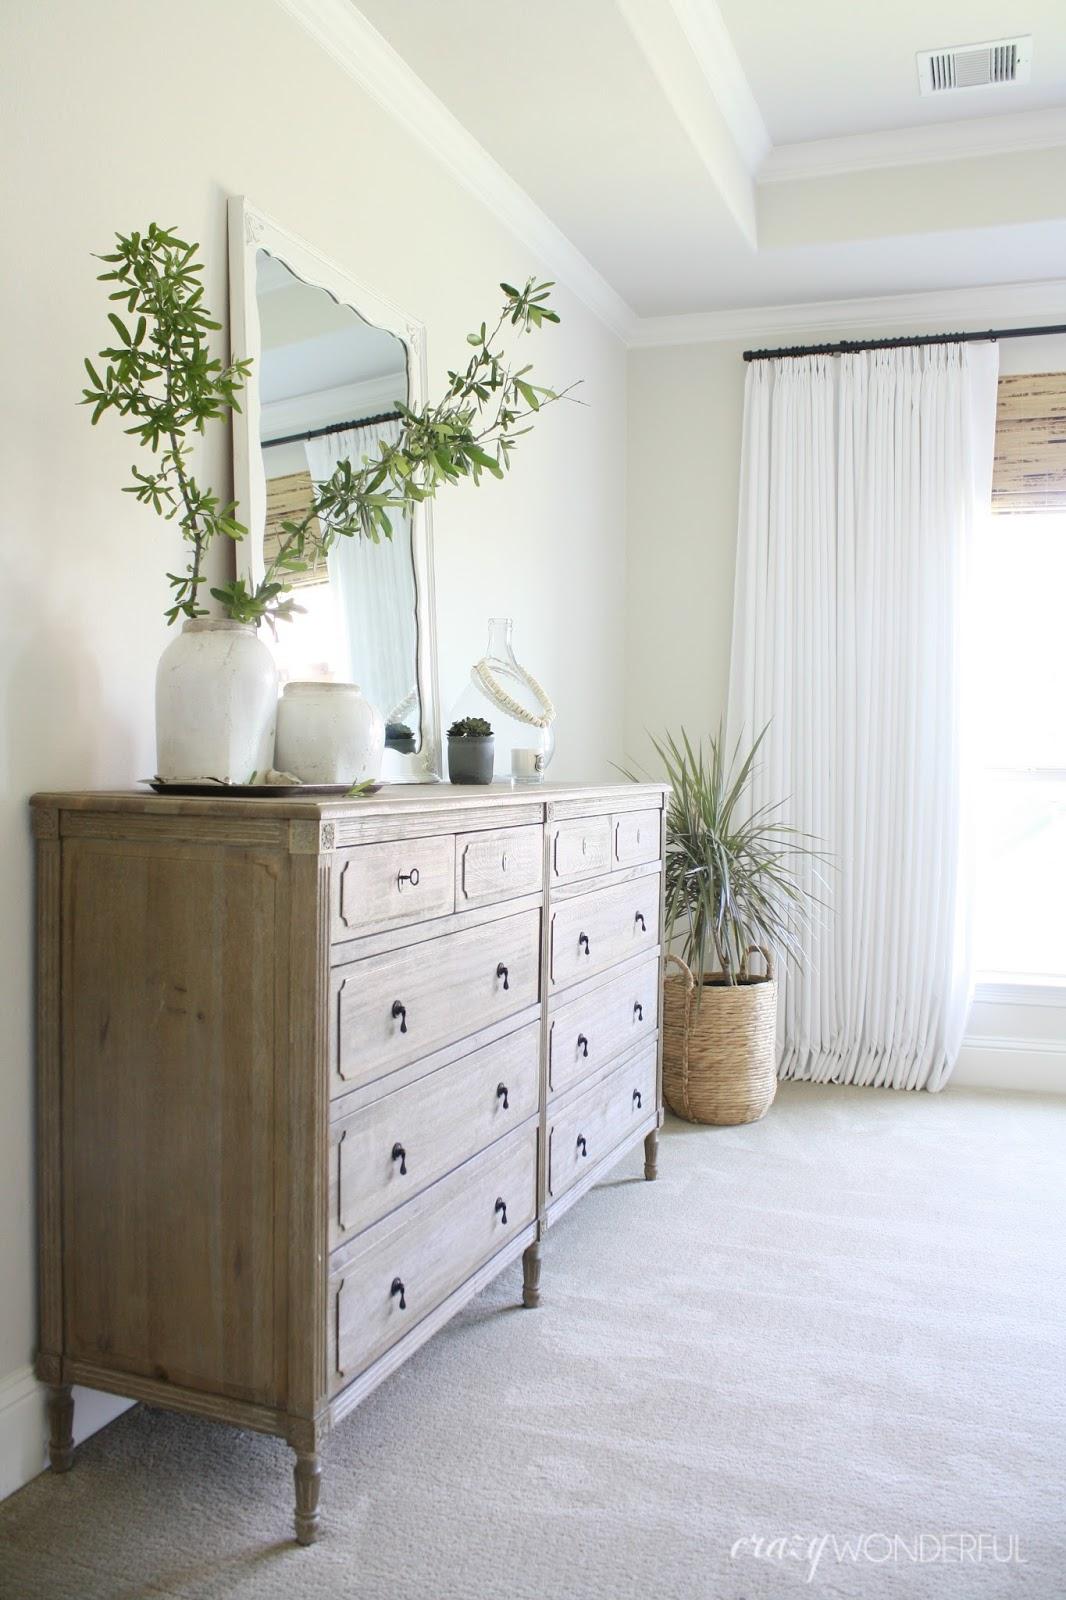 our bedroom dresser - Crazy Wonderful